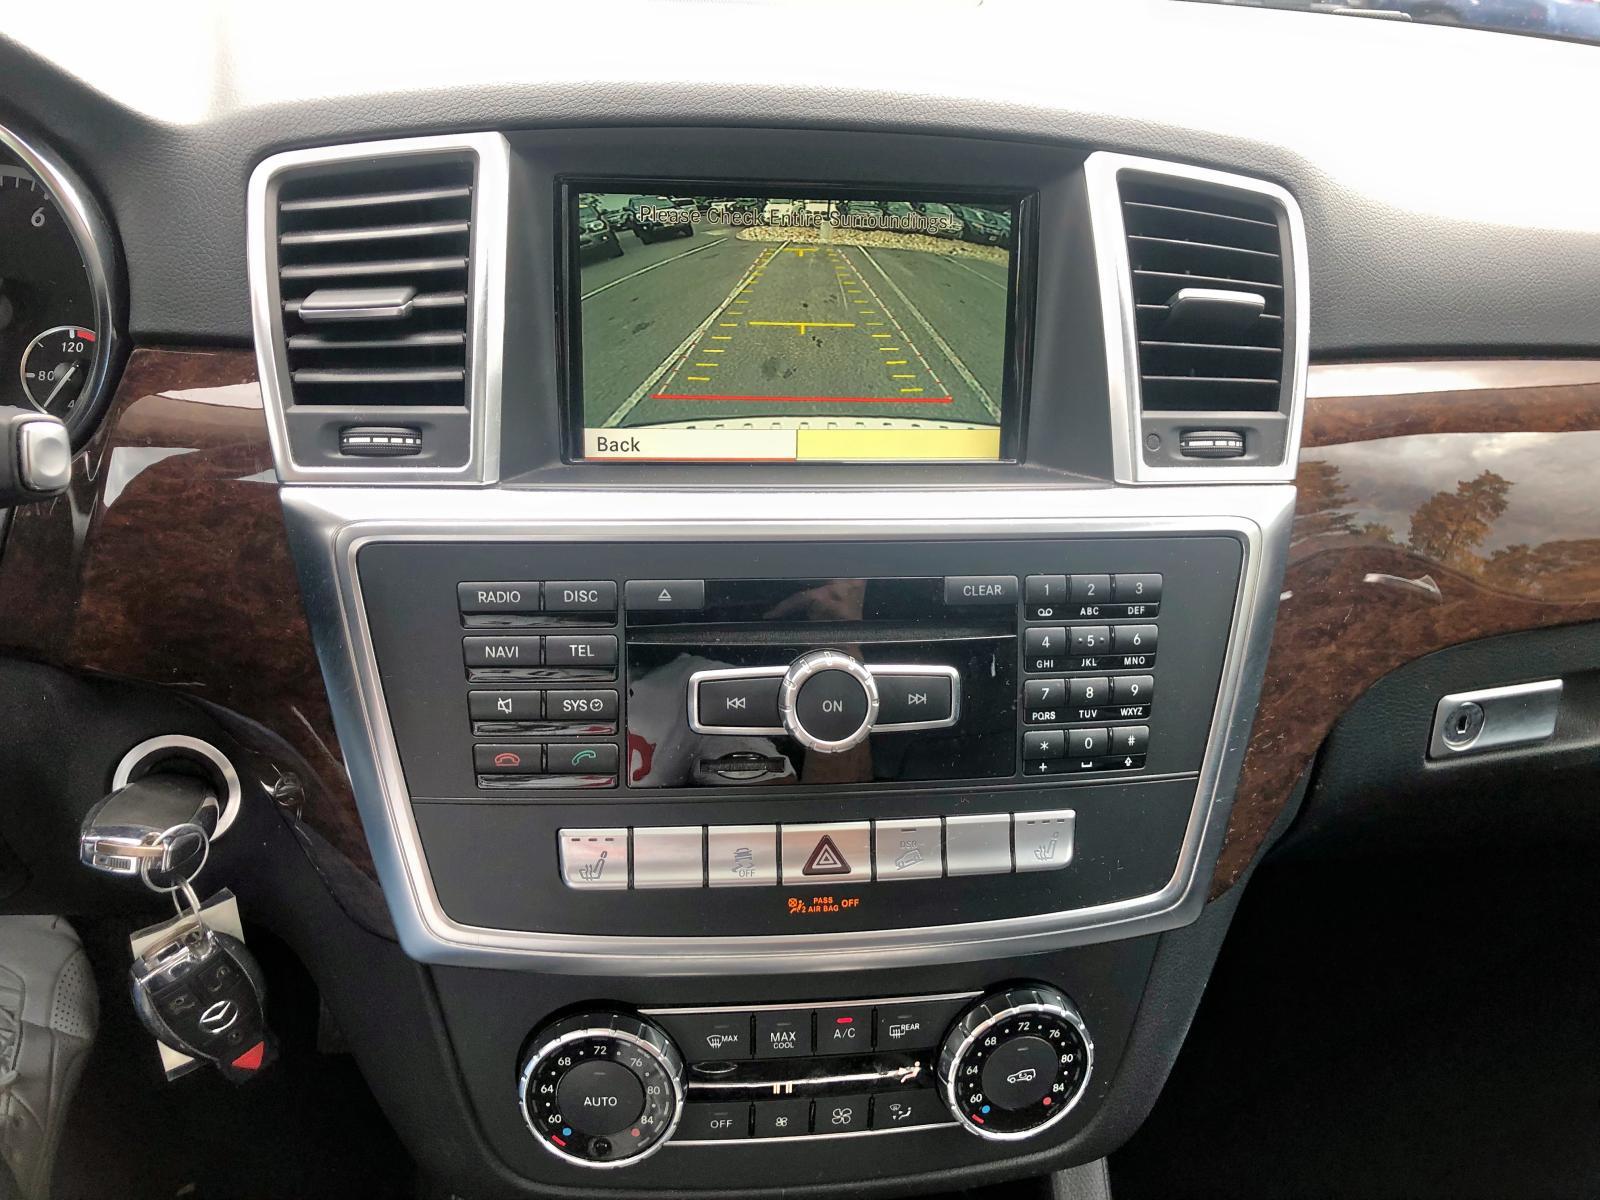 4JGDA5HB3CA031545 - 2012 Mercedes-Benz Ml 350 4Ma 3.5L